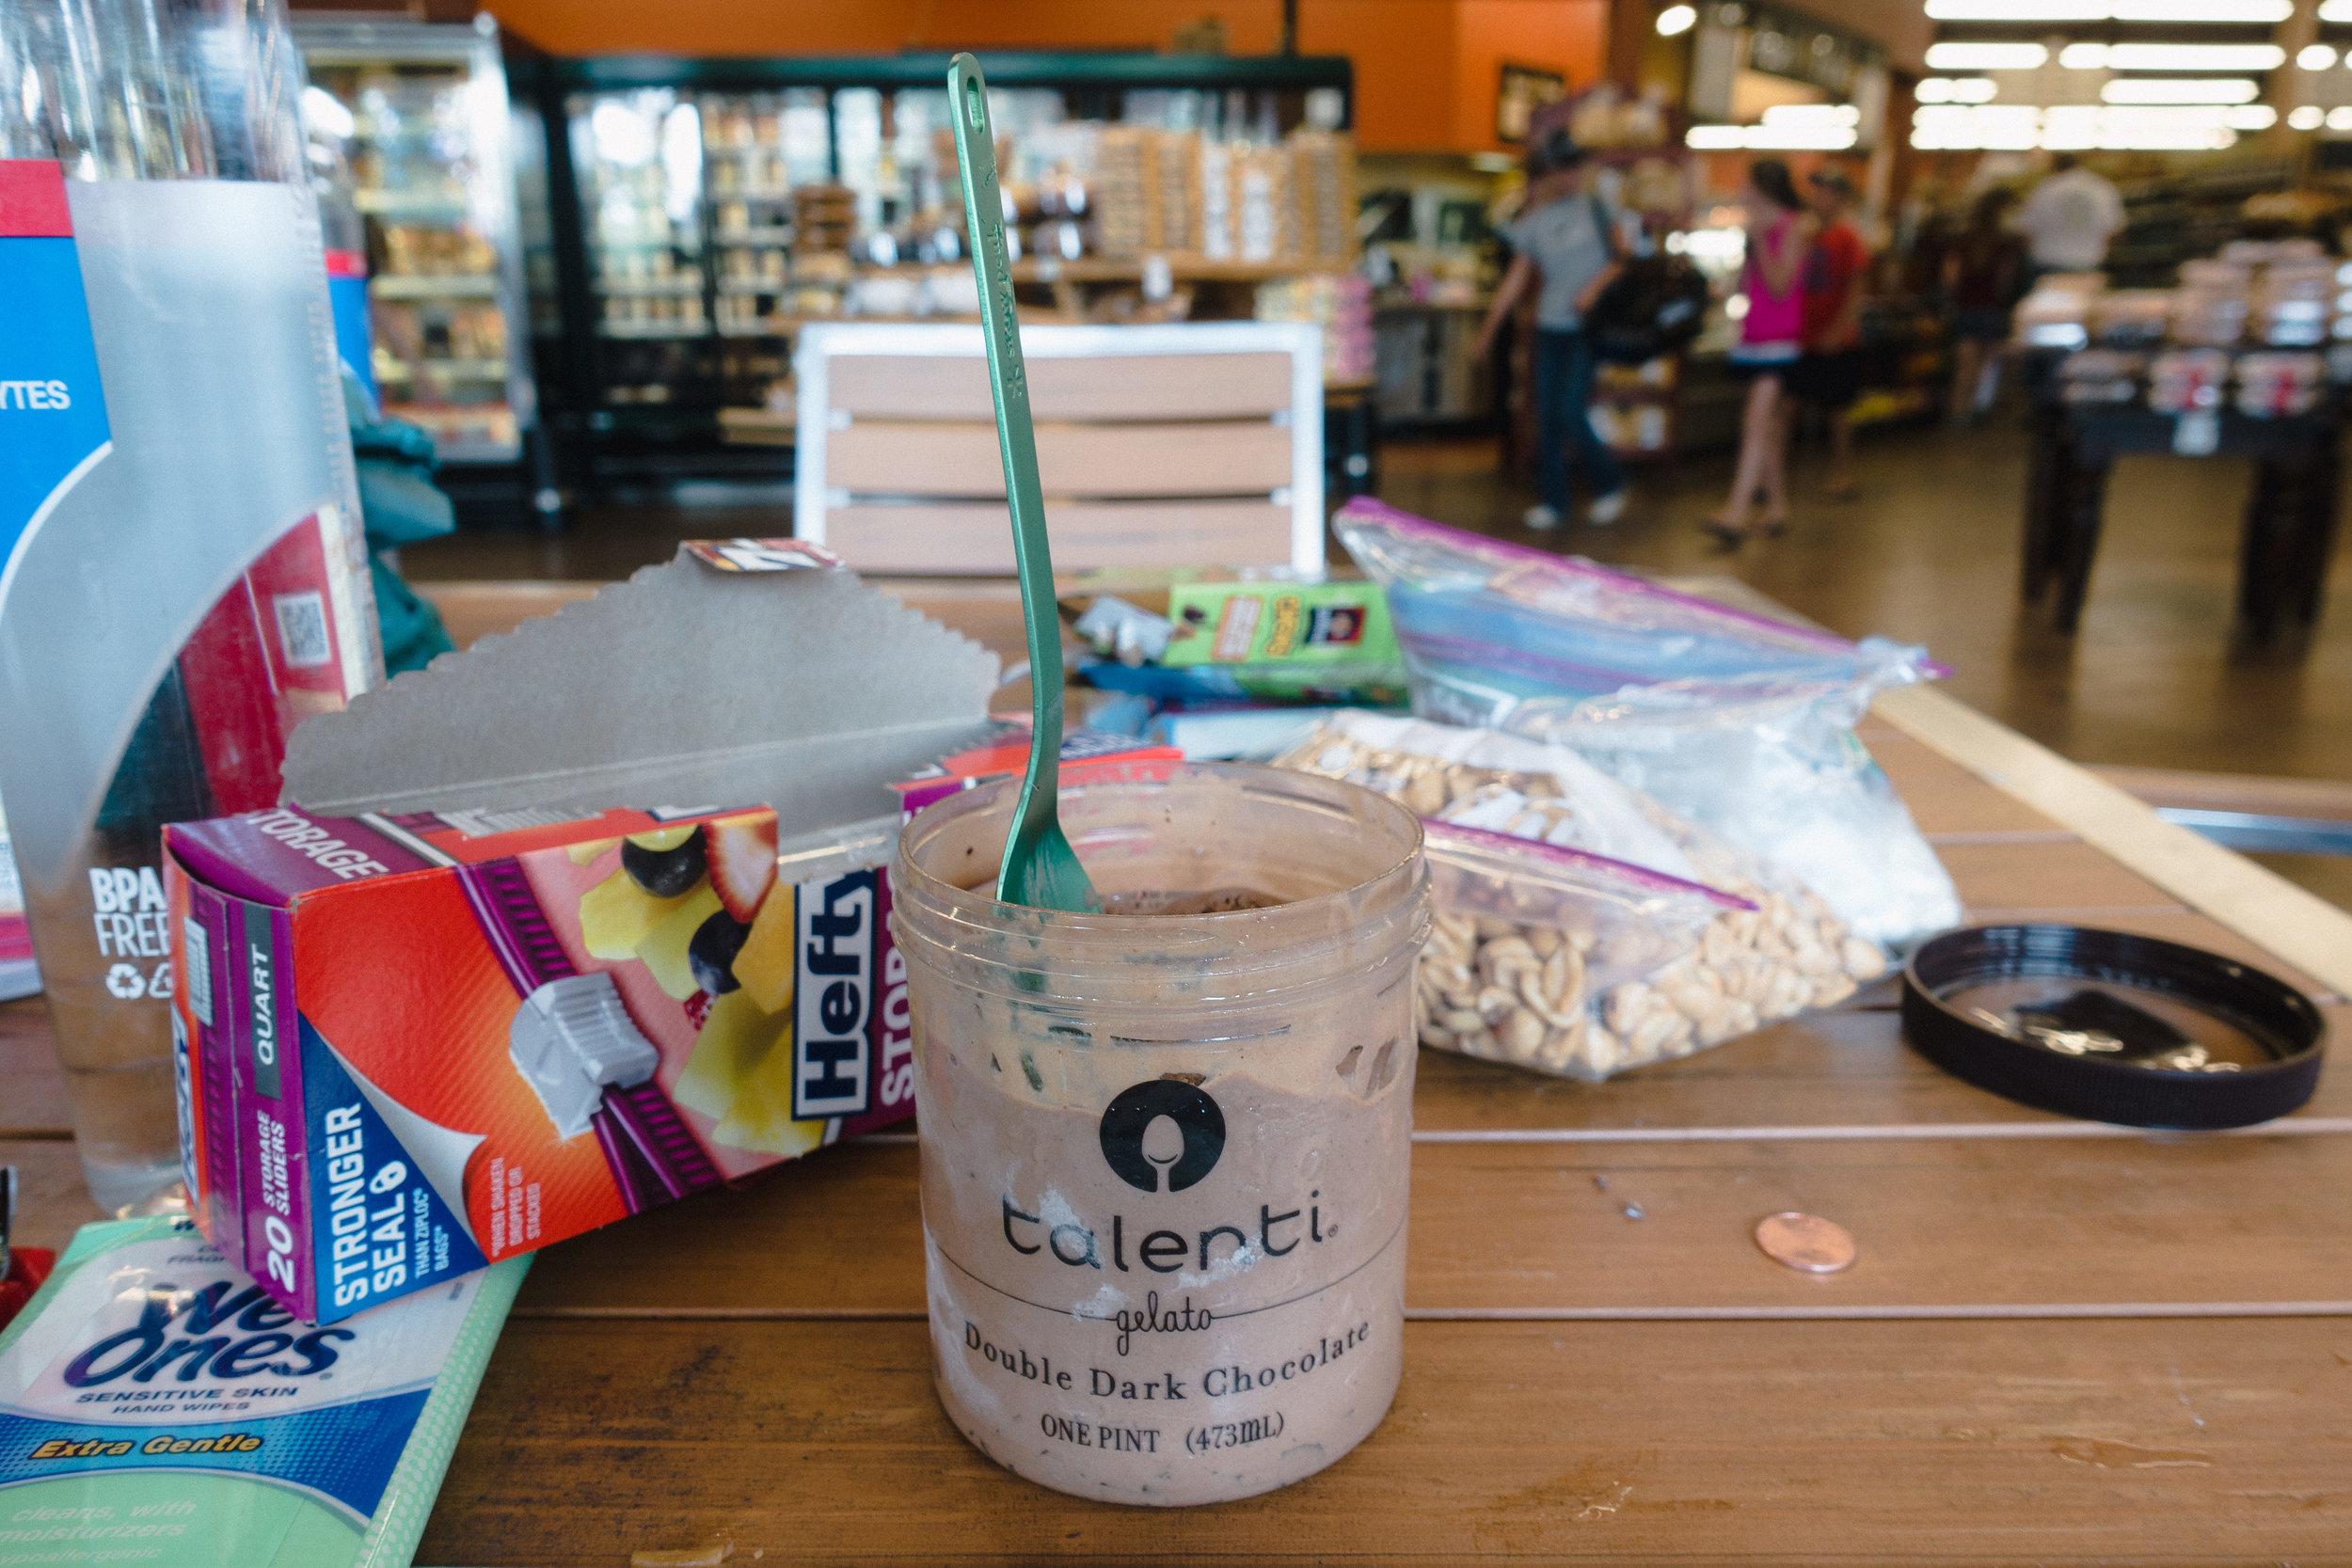 Getting a new Talenti jar.